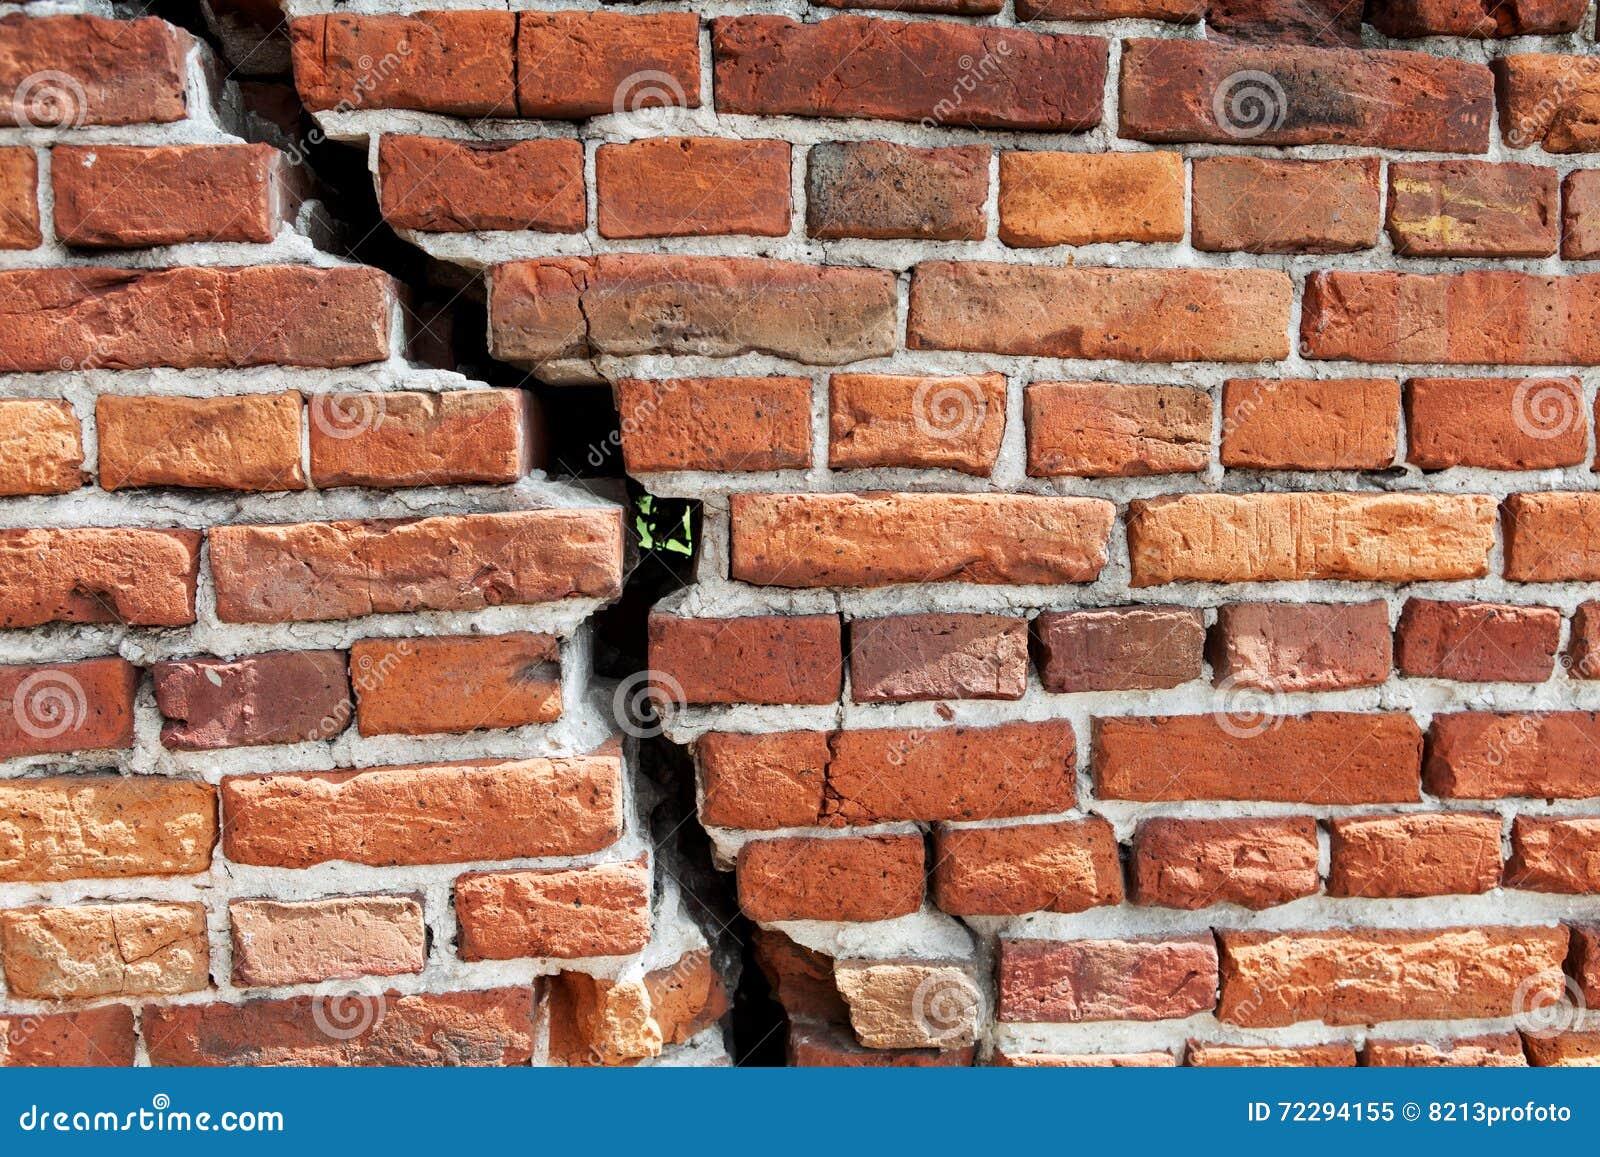 Download Предпосылка кирпичной стены, треснутая кирпичная стена Стоковое Изображение - изображение насчитывающей агенства, рамка: 72294155